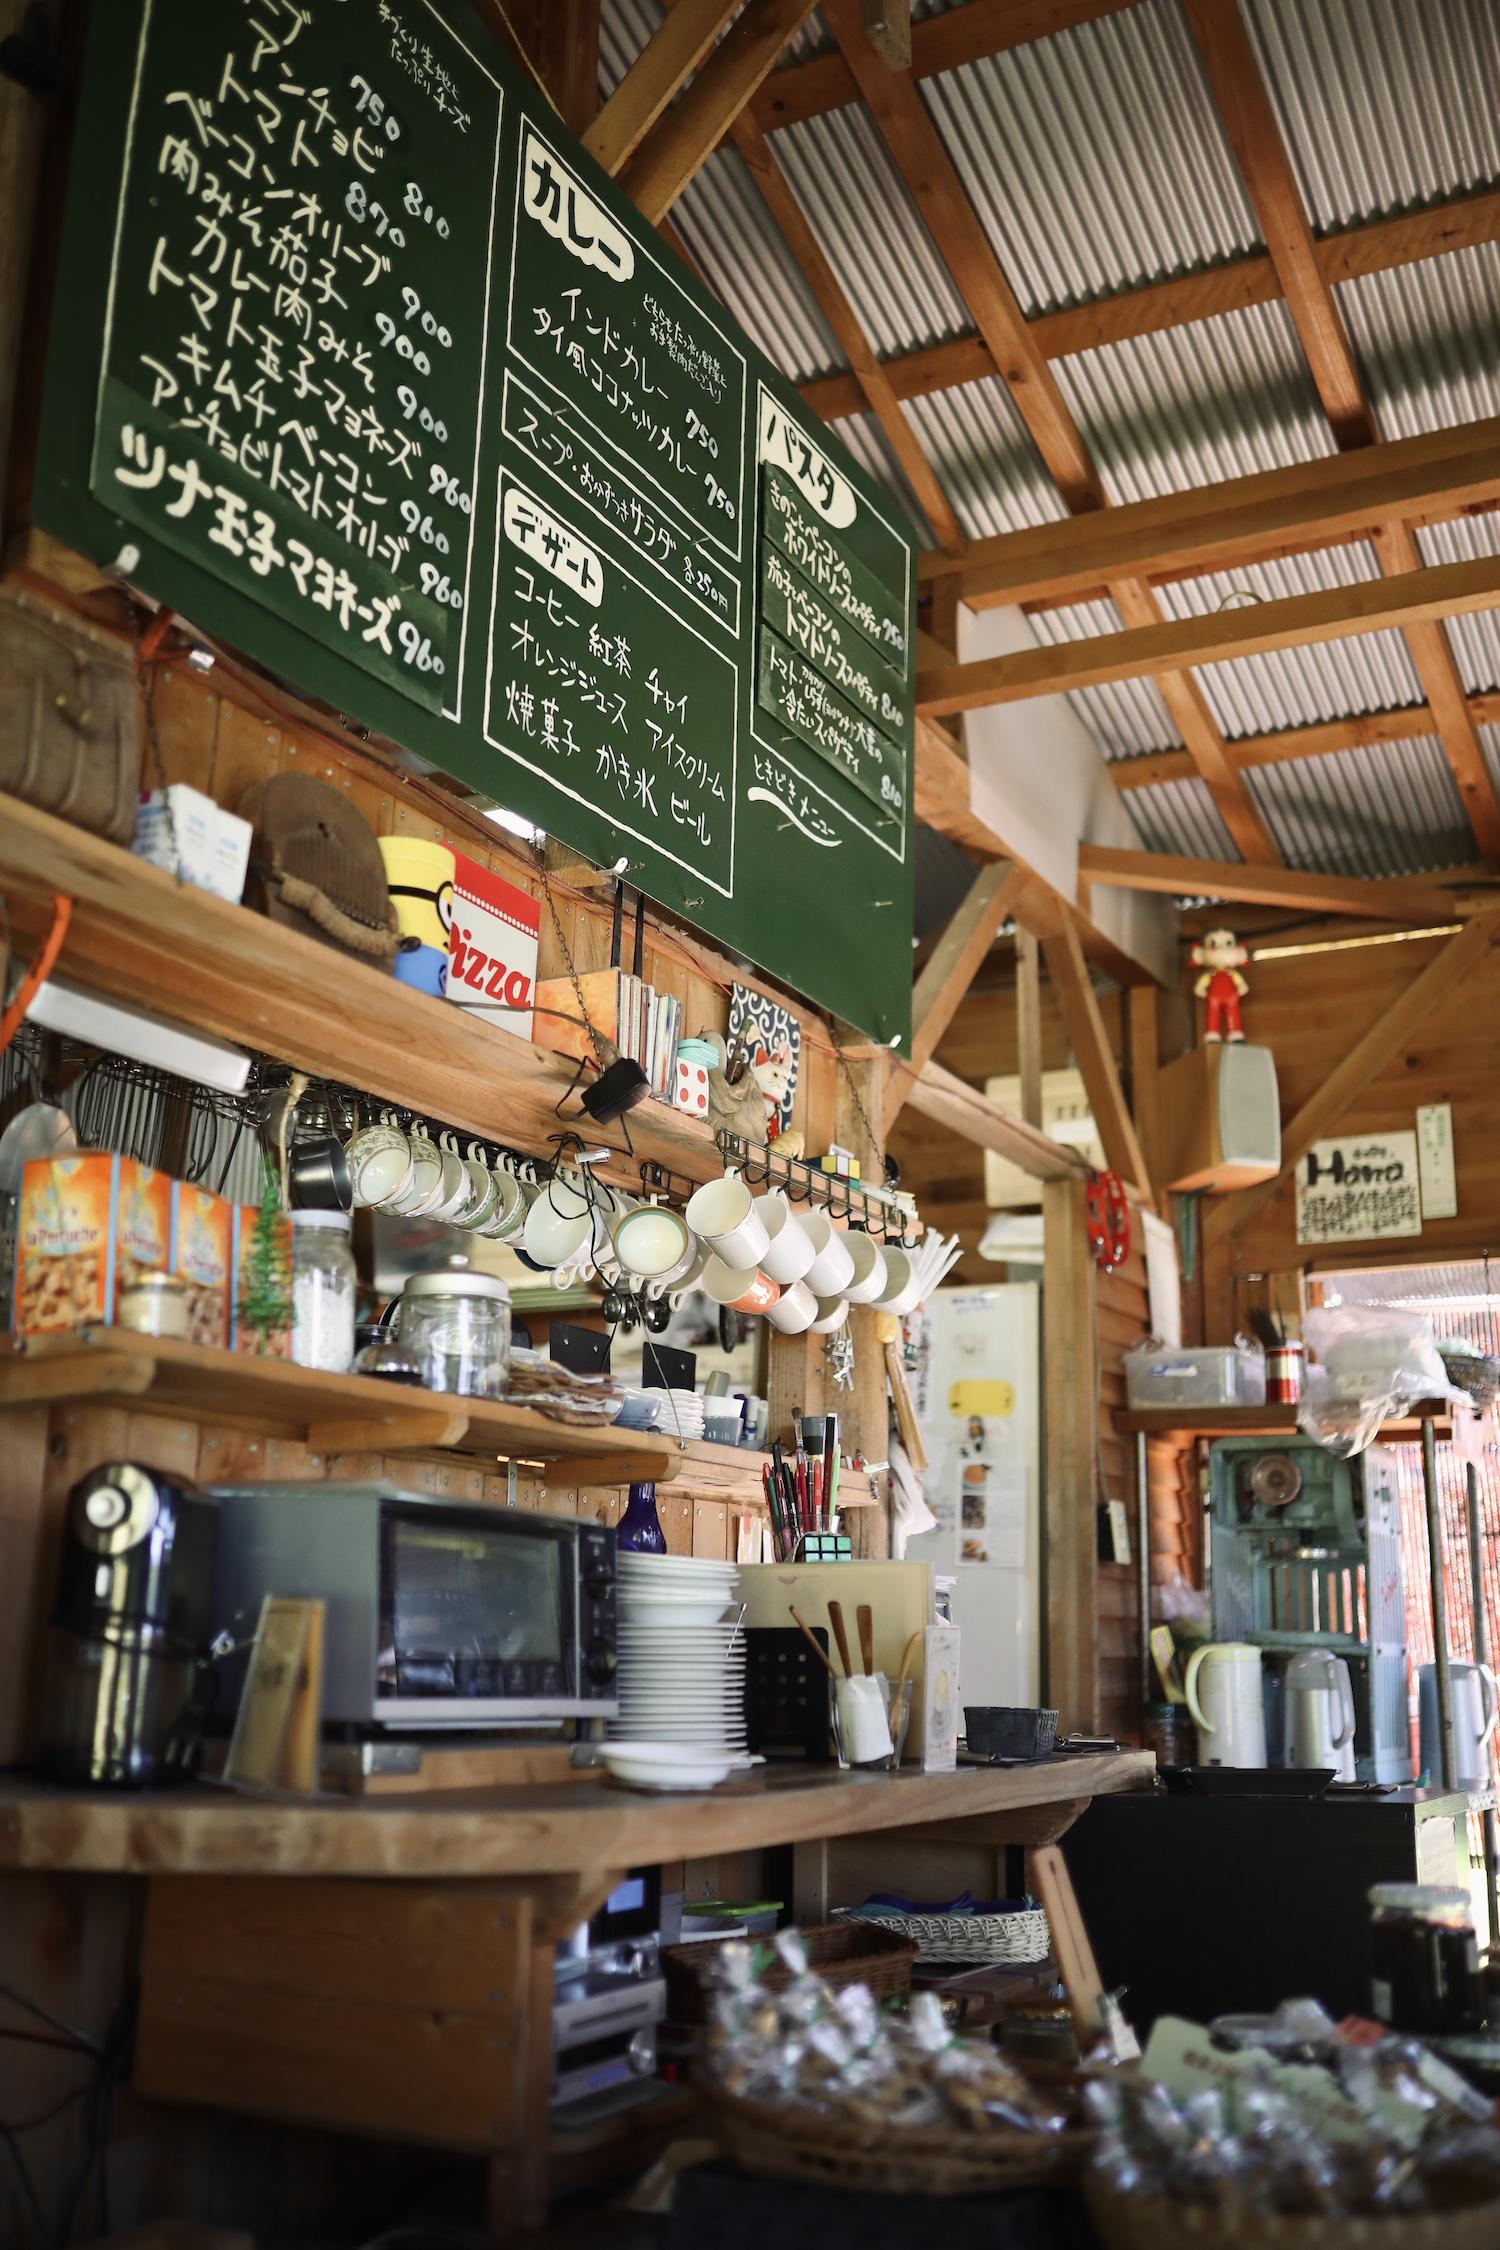 山の食堂Hana|龍河洞からさらに奥、一度は訪れたい完全予約制の隠れ家食堂。